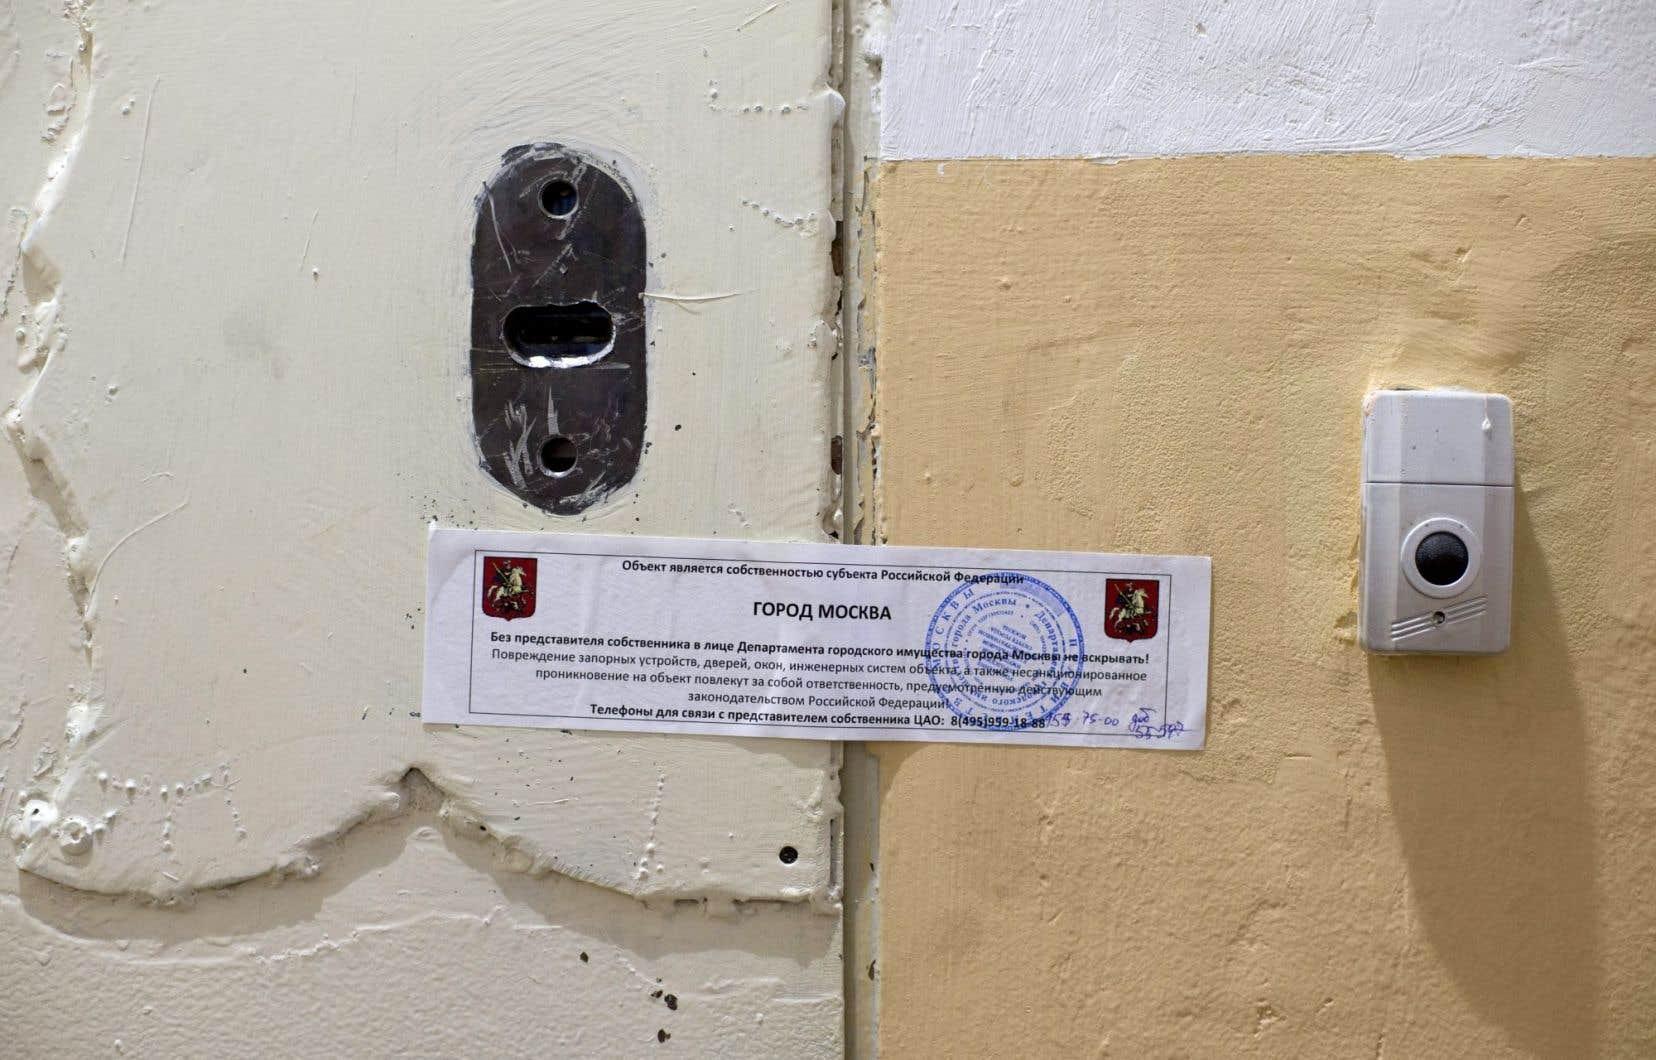 Les serrures du local d'Amnesty International, à Moscou, ont été changées dans la nuit de mardi.